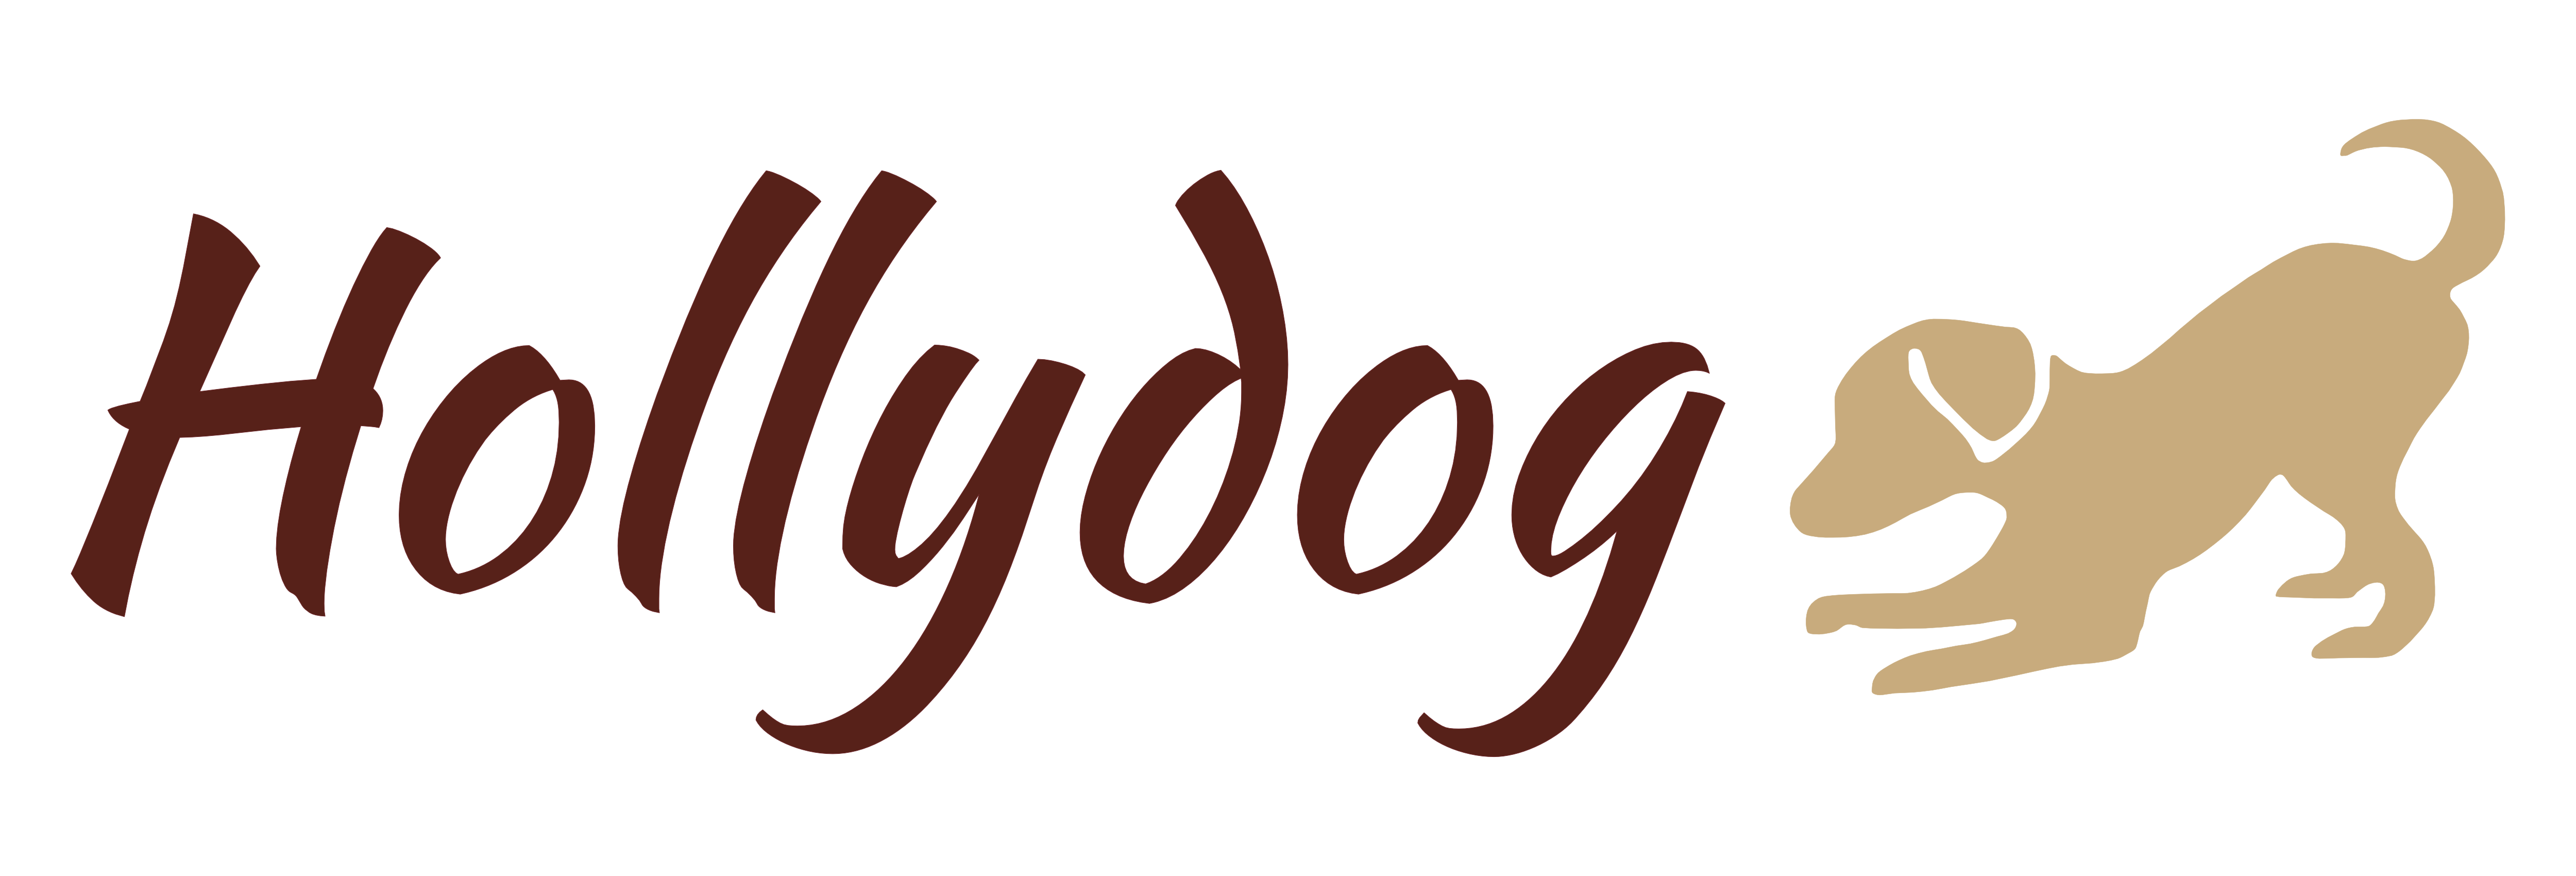 Hollydog